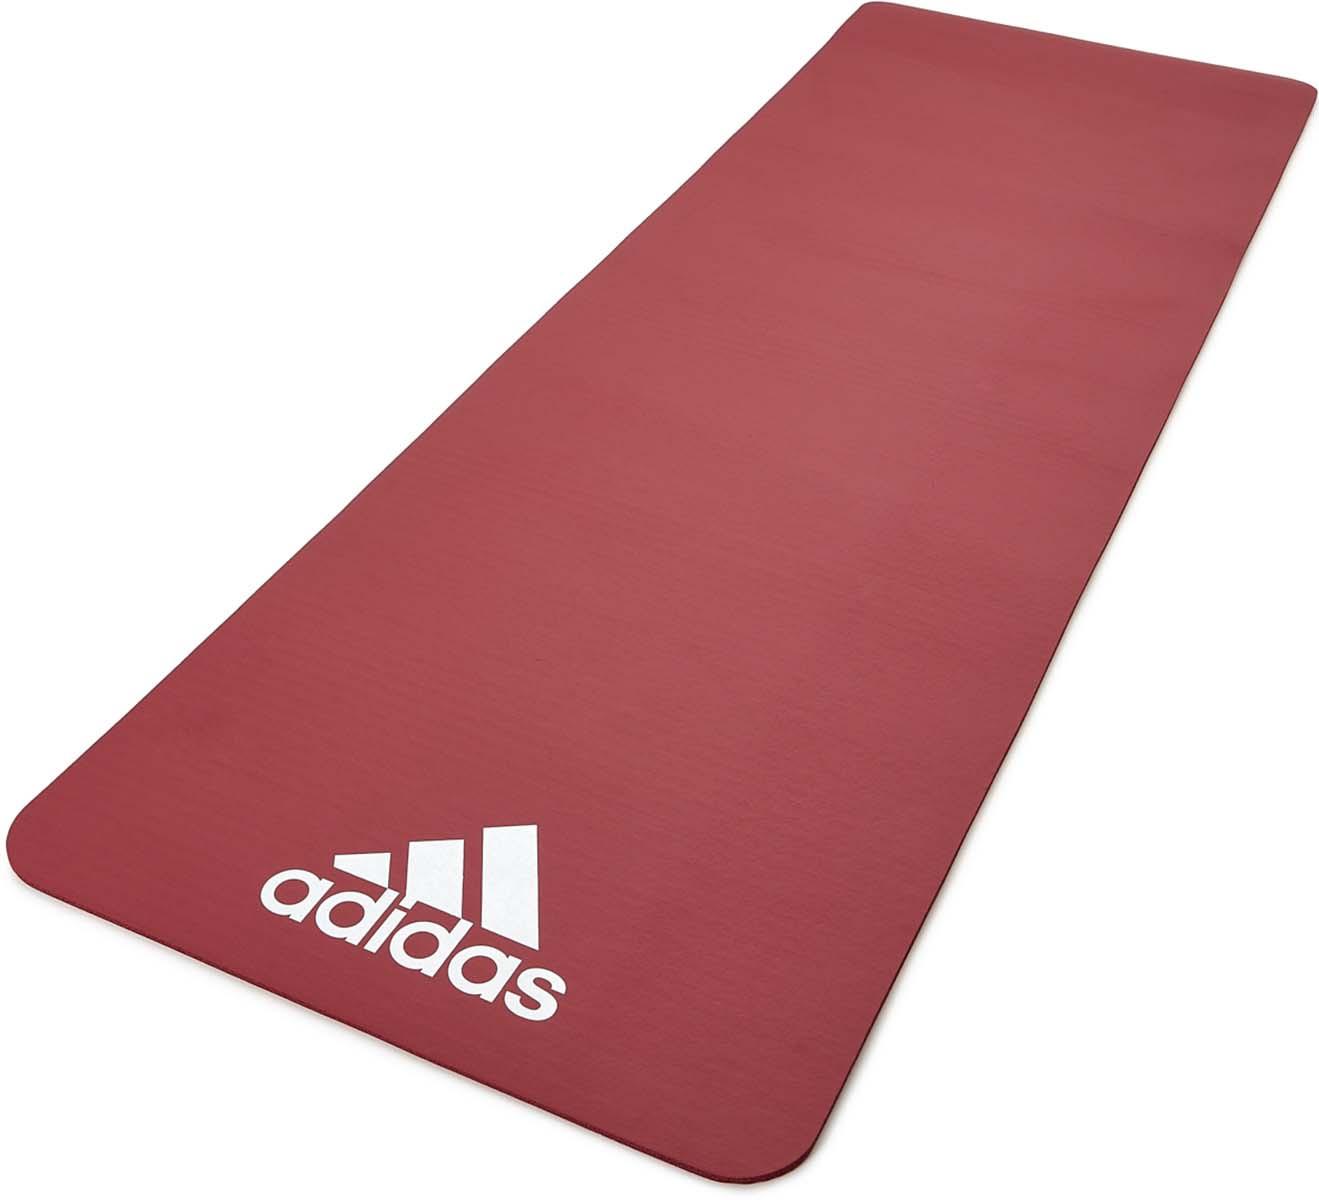 Коврик тренировочный для фитнеса Adidas, цвет: красный, толщина 7 мм, длина 173 см